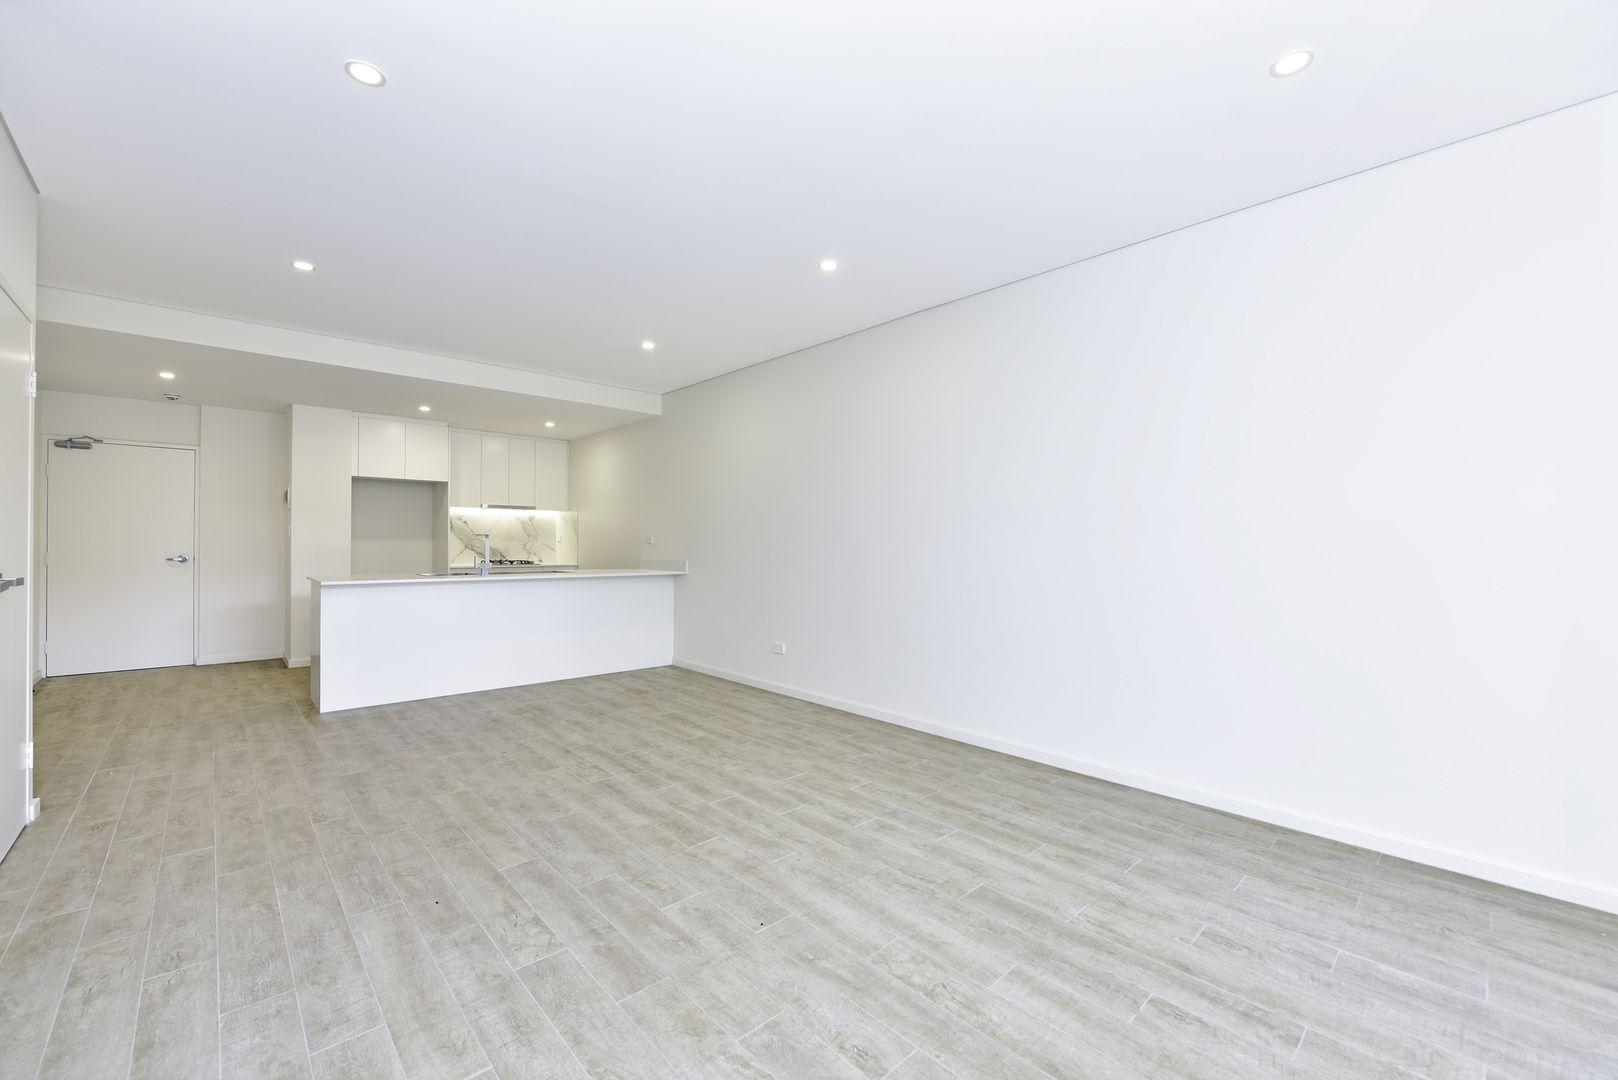 202/3 Balmoral Street, Blacktown NSW 2148, Image 0